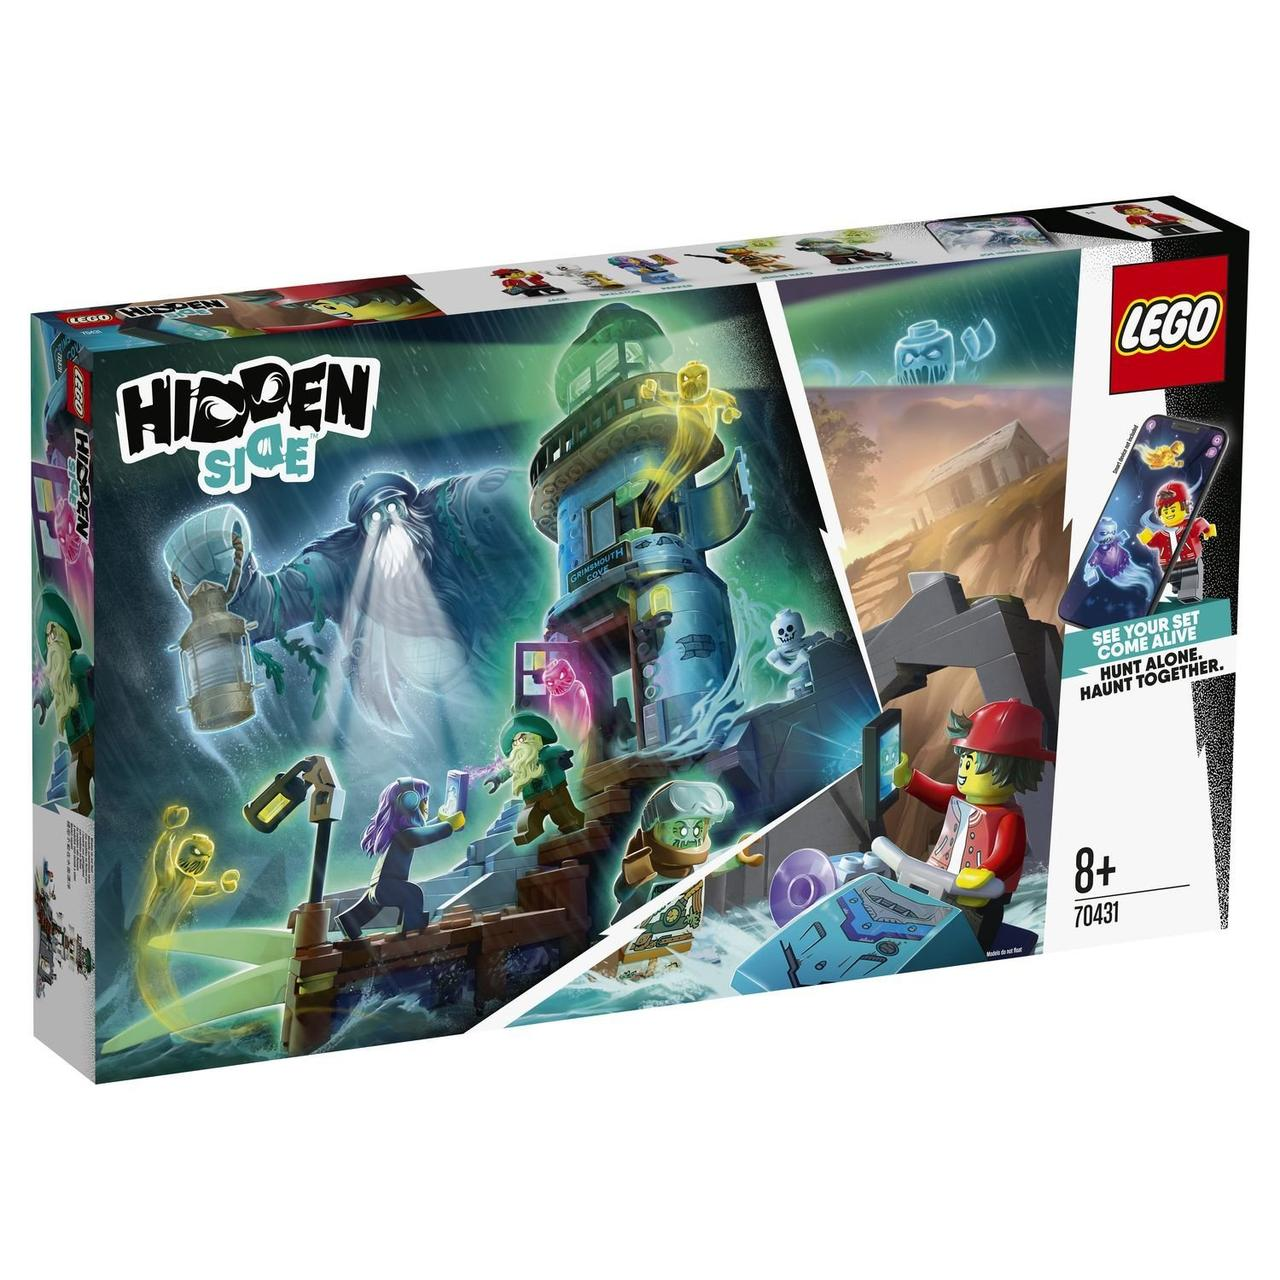 70431 Lego Hidden Side Маяк тьмы, Лего Хидден Сайд